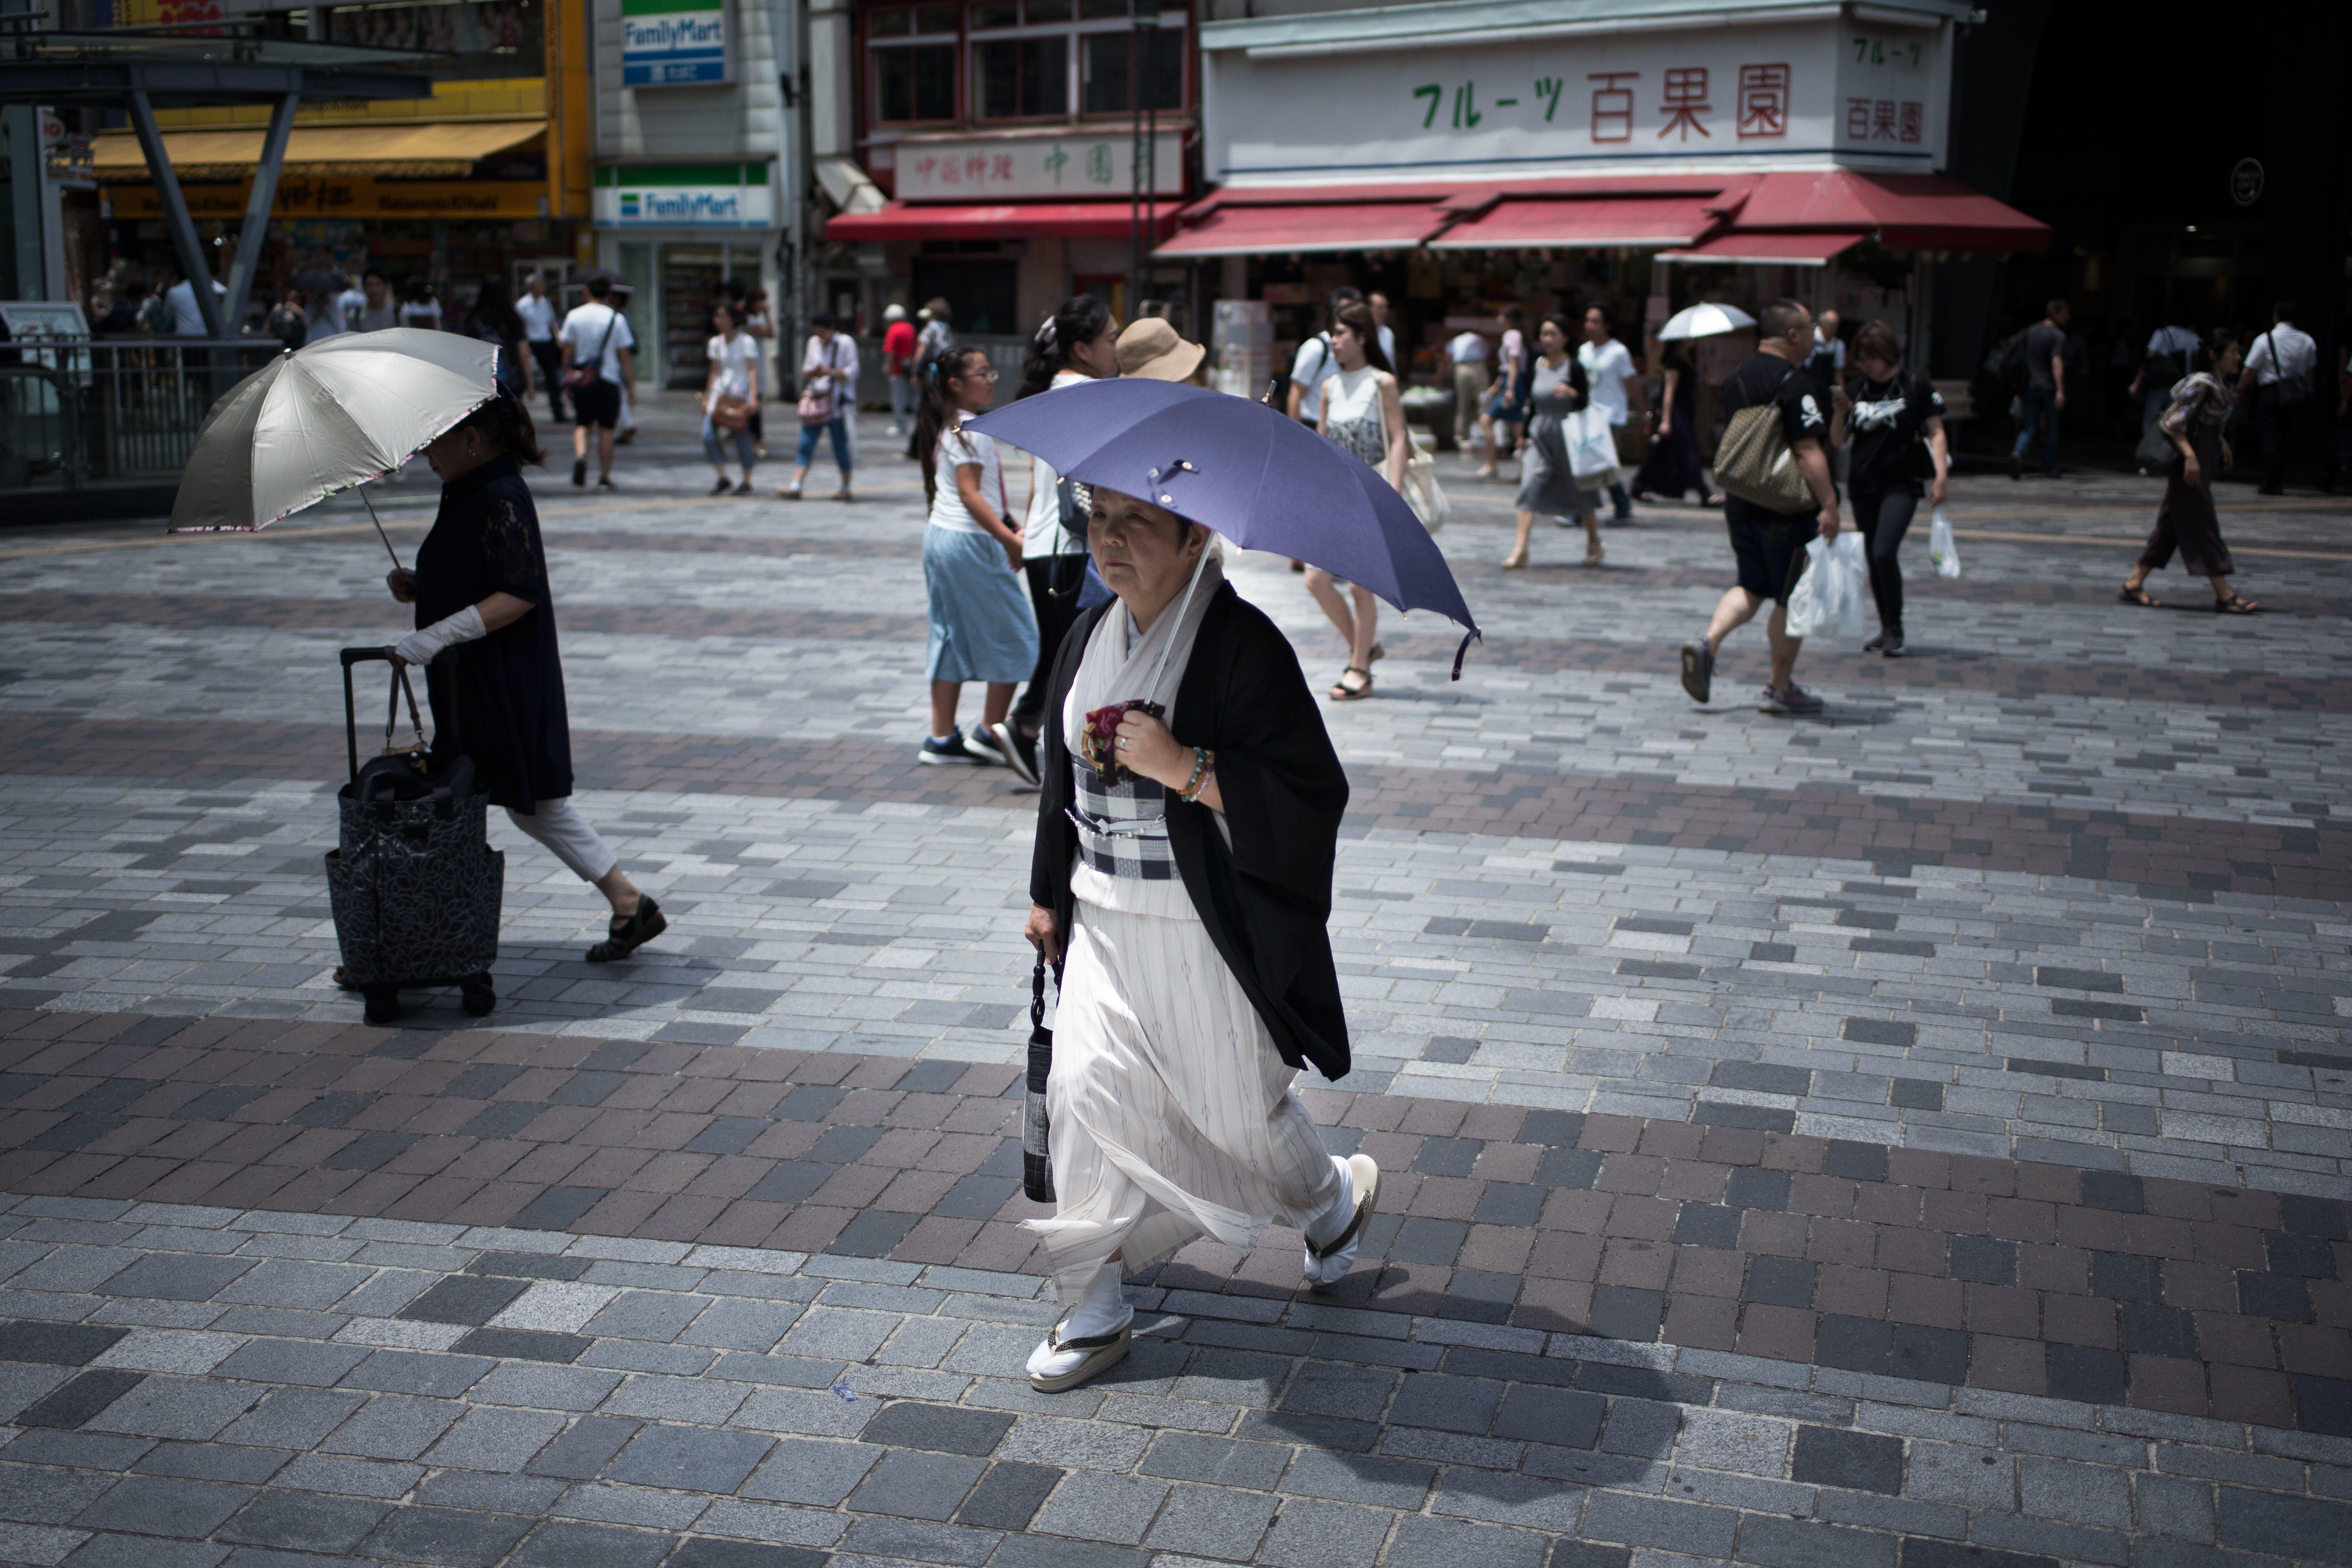 Ιαπωνία: Τους 41,1 βαθμούς Κελσίου έφτασε η θερμοκρασία στη χώρα, σημειώνοντας